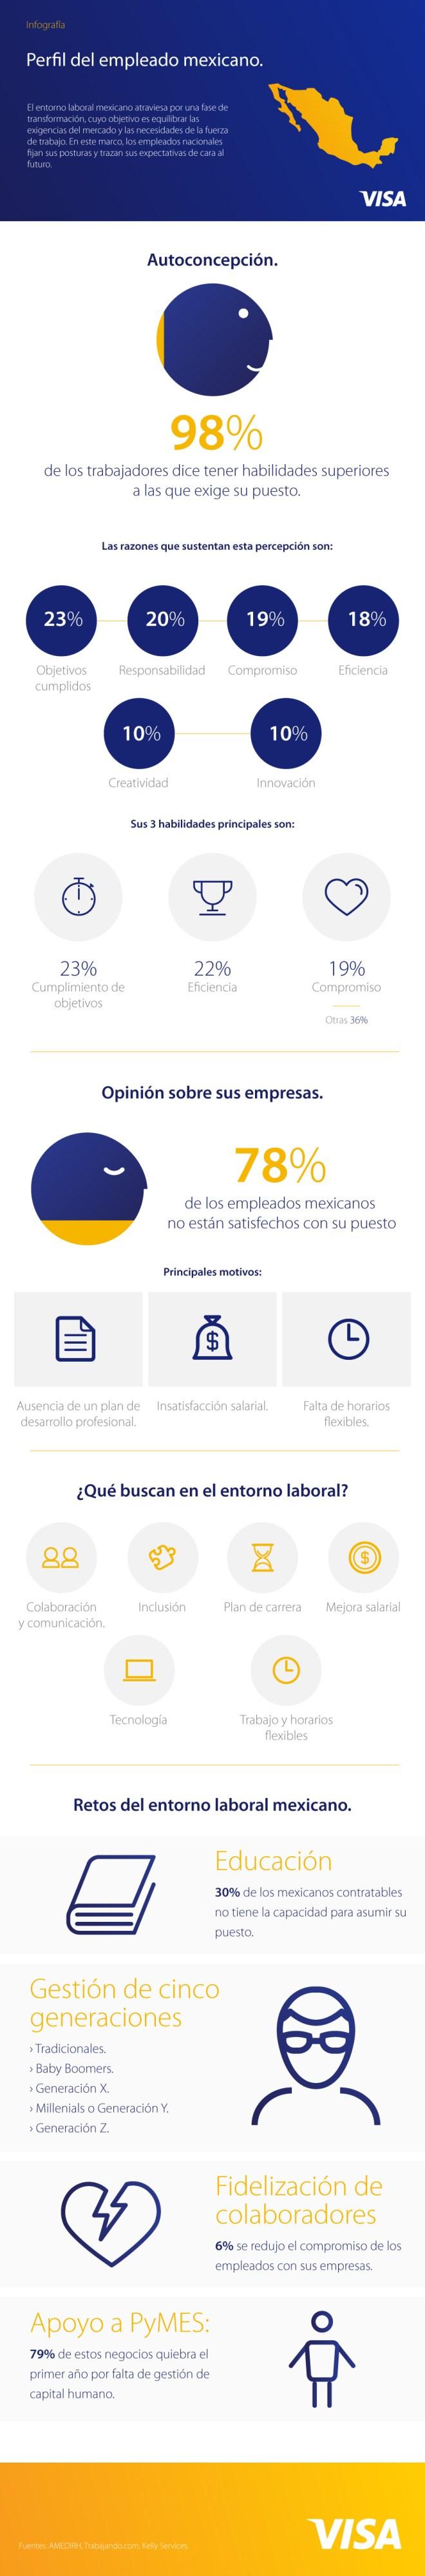 Perfil del empleado mexicano